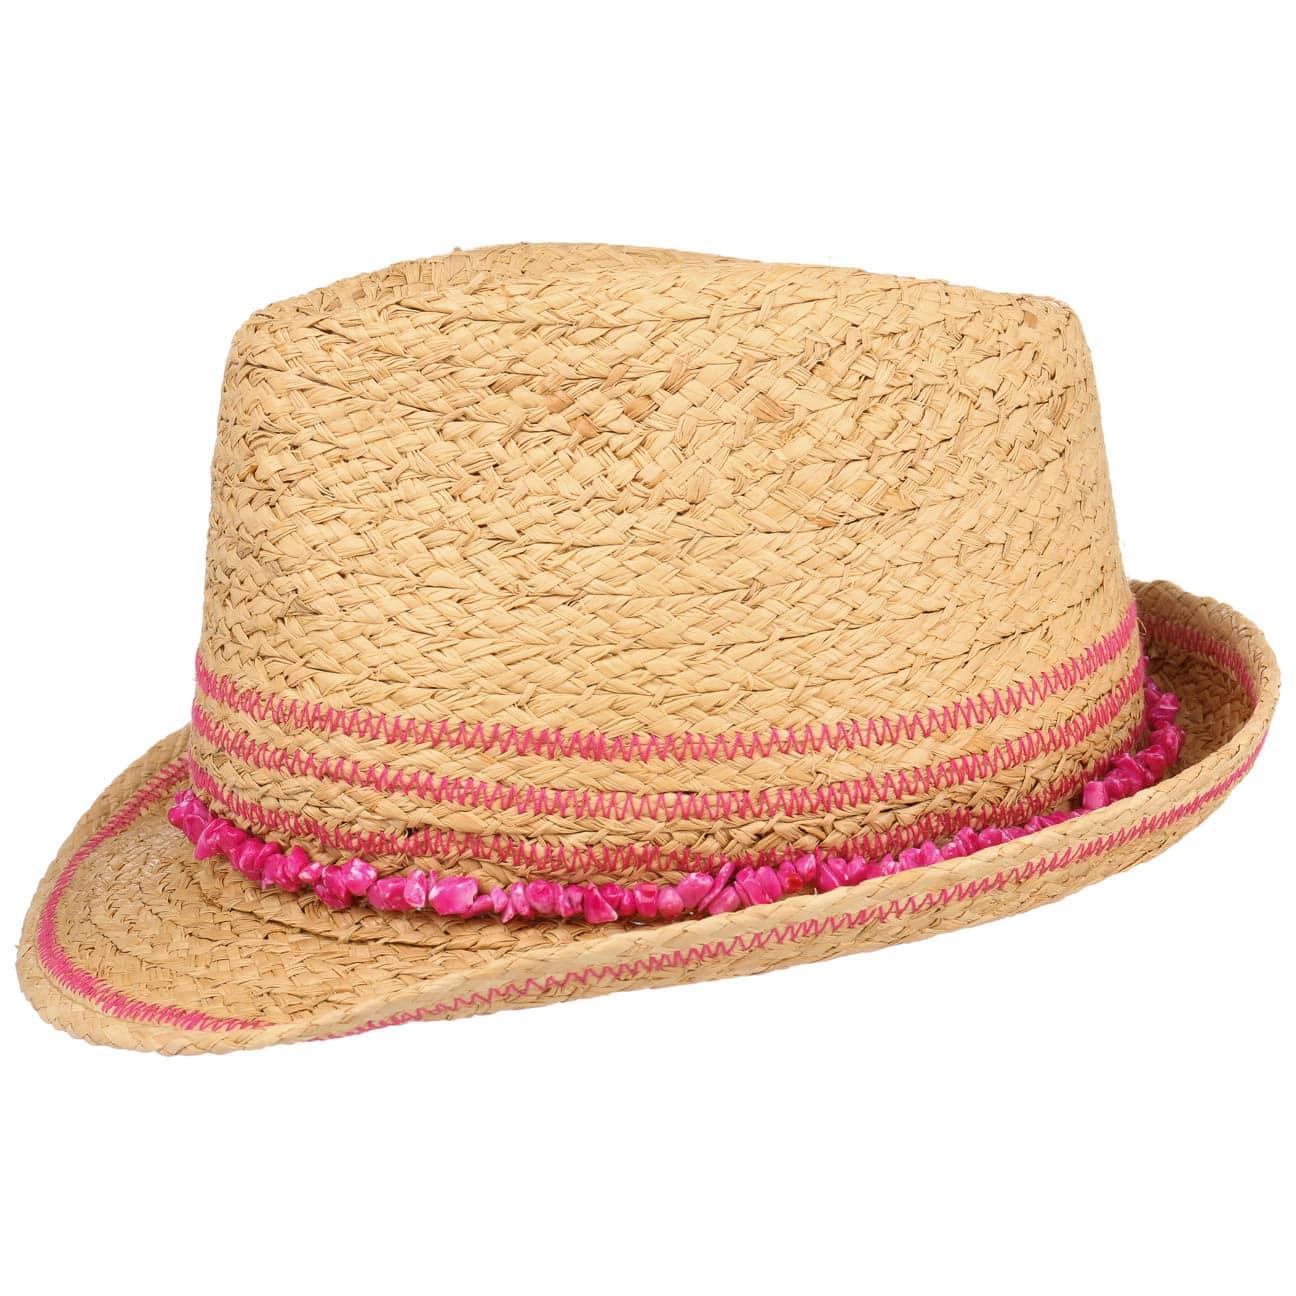 Sombrero de Ni?o Stone Trilby by Conner  sombrero de sol